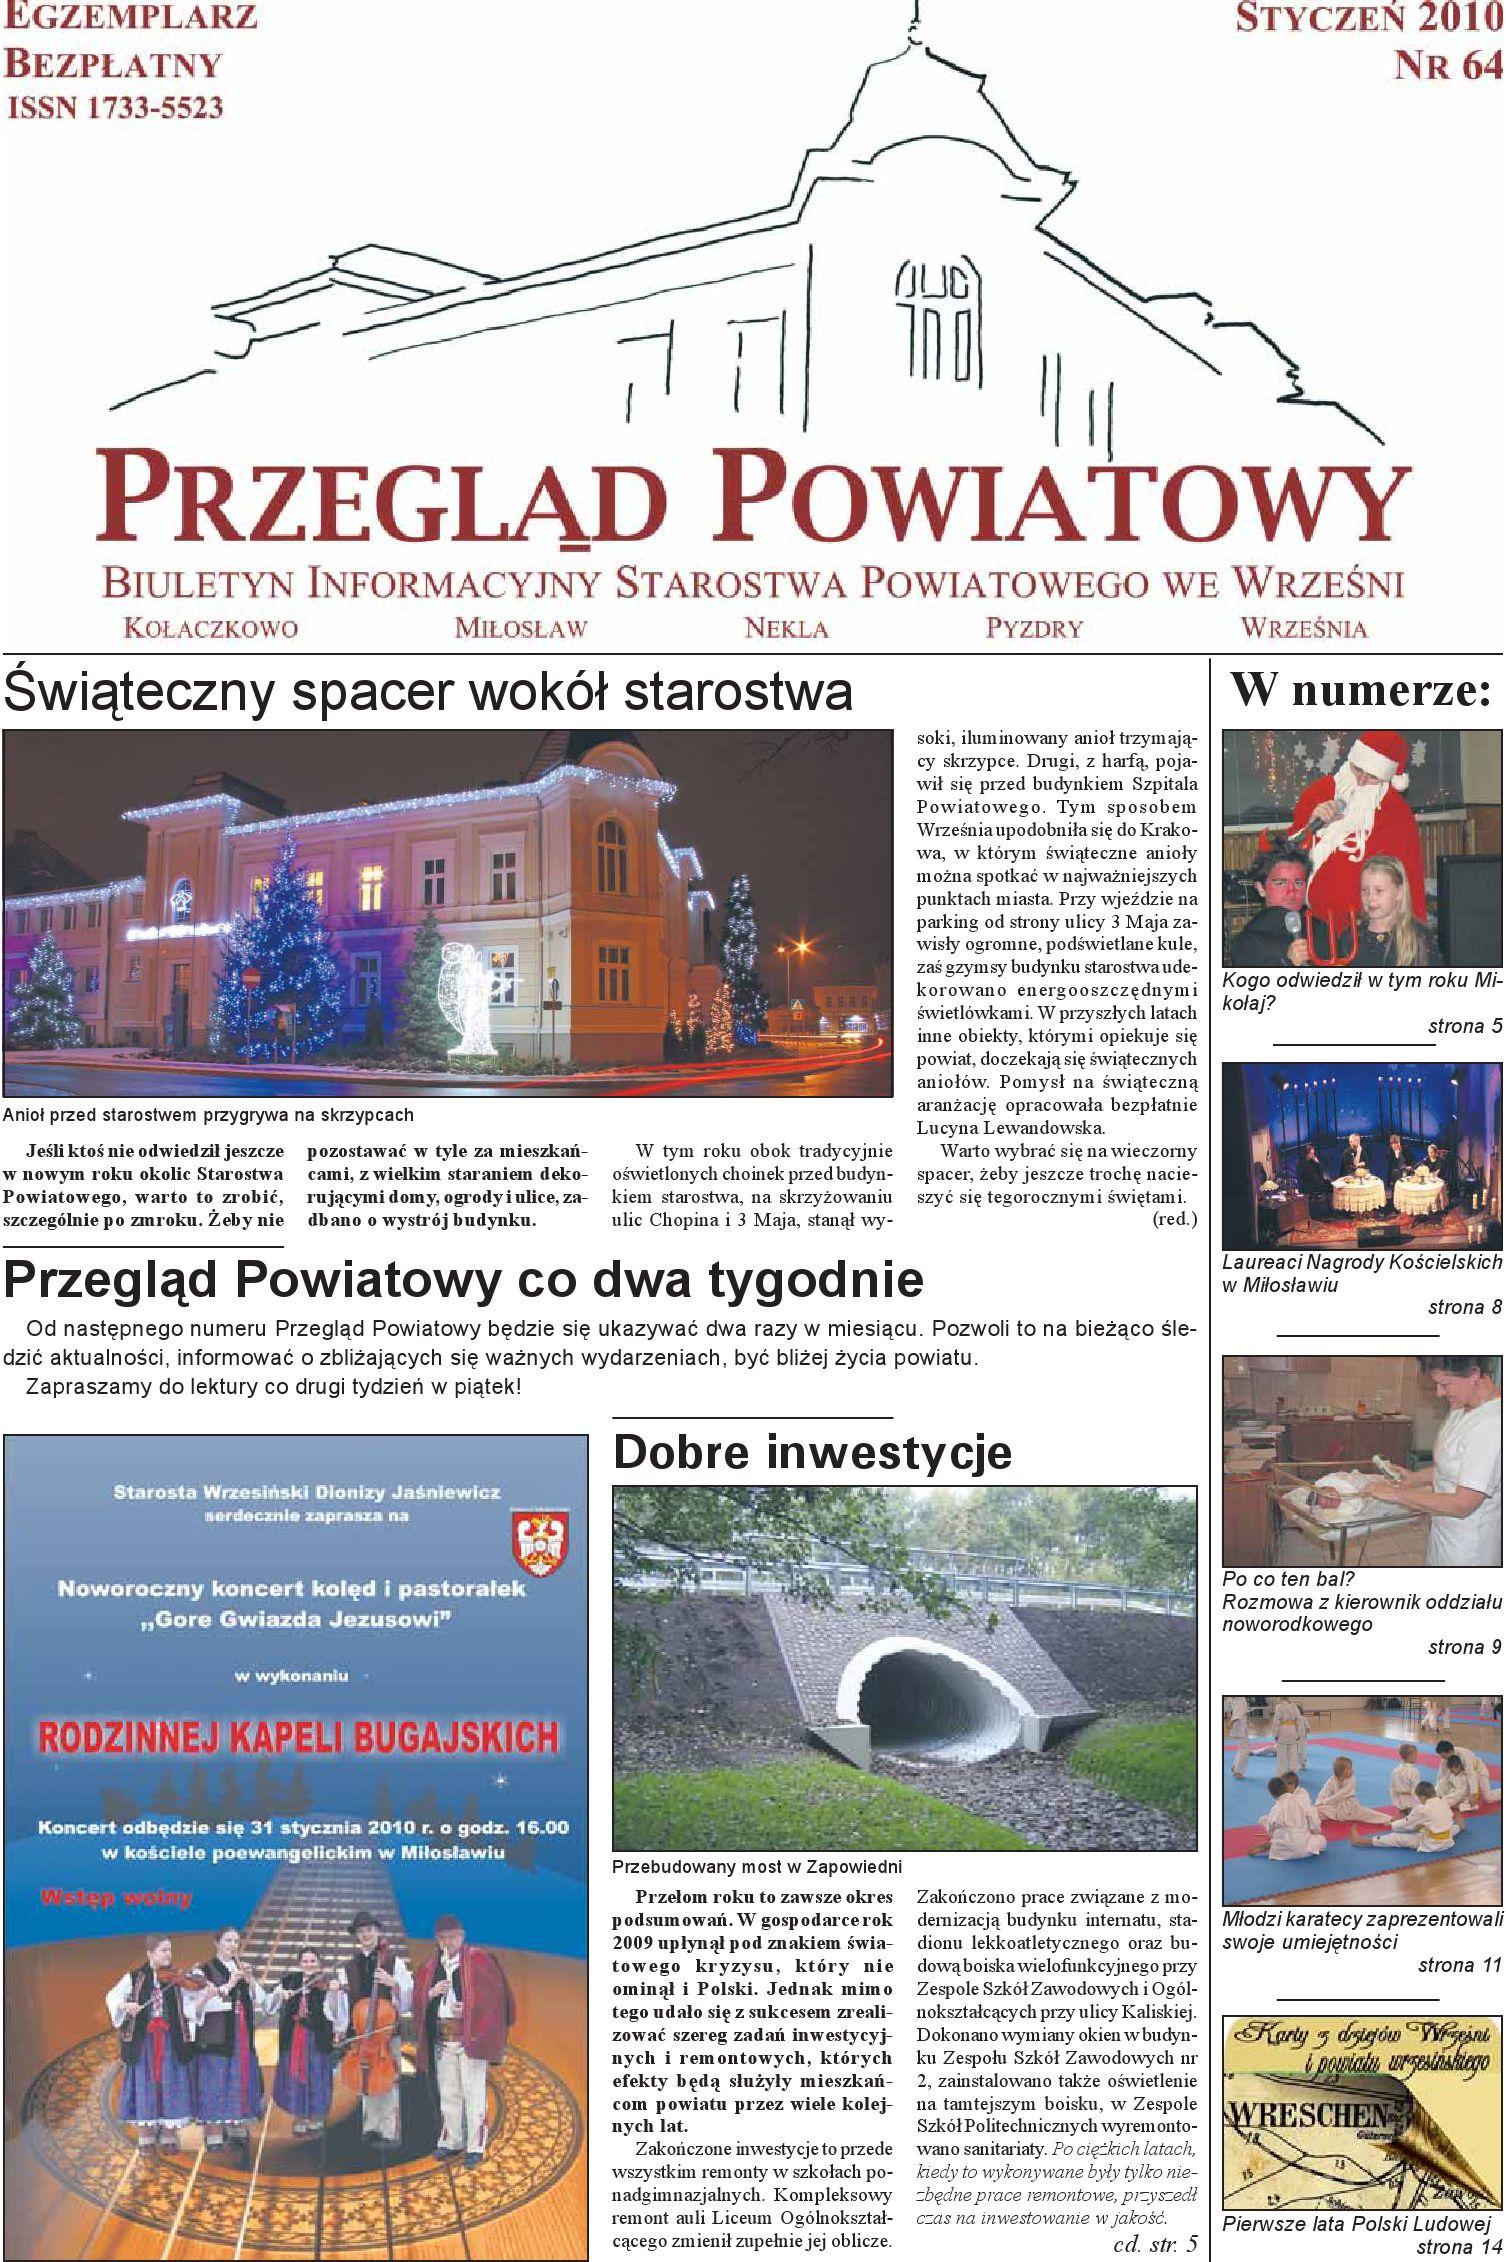 Przegląd Powiatowy Nr 64 Styczeń 2010 By Starostwo